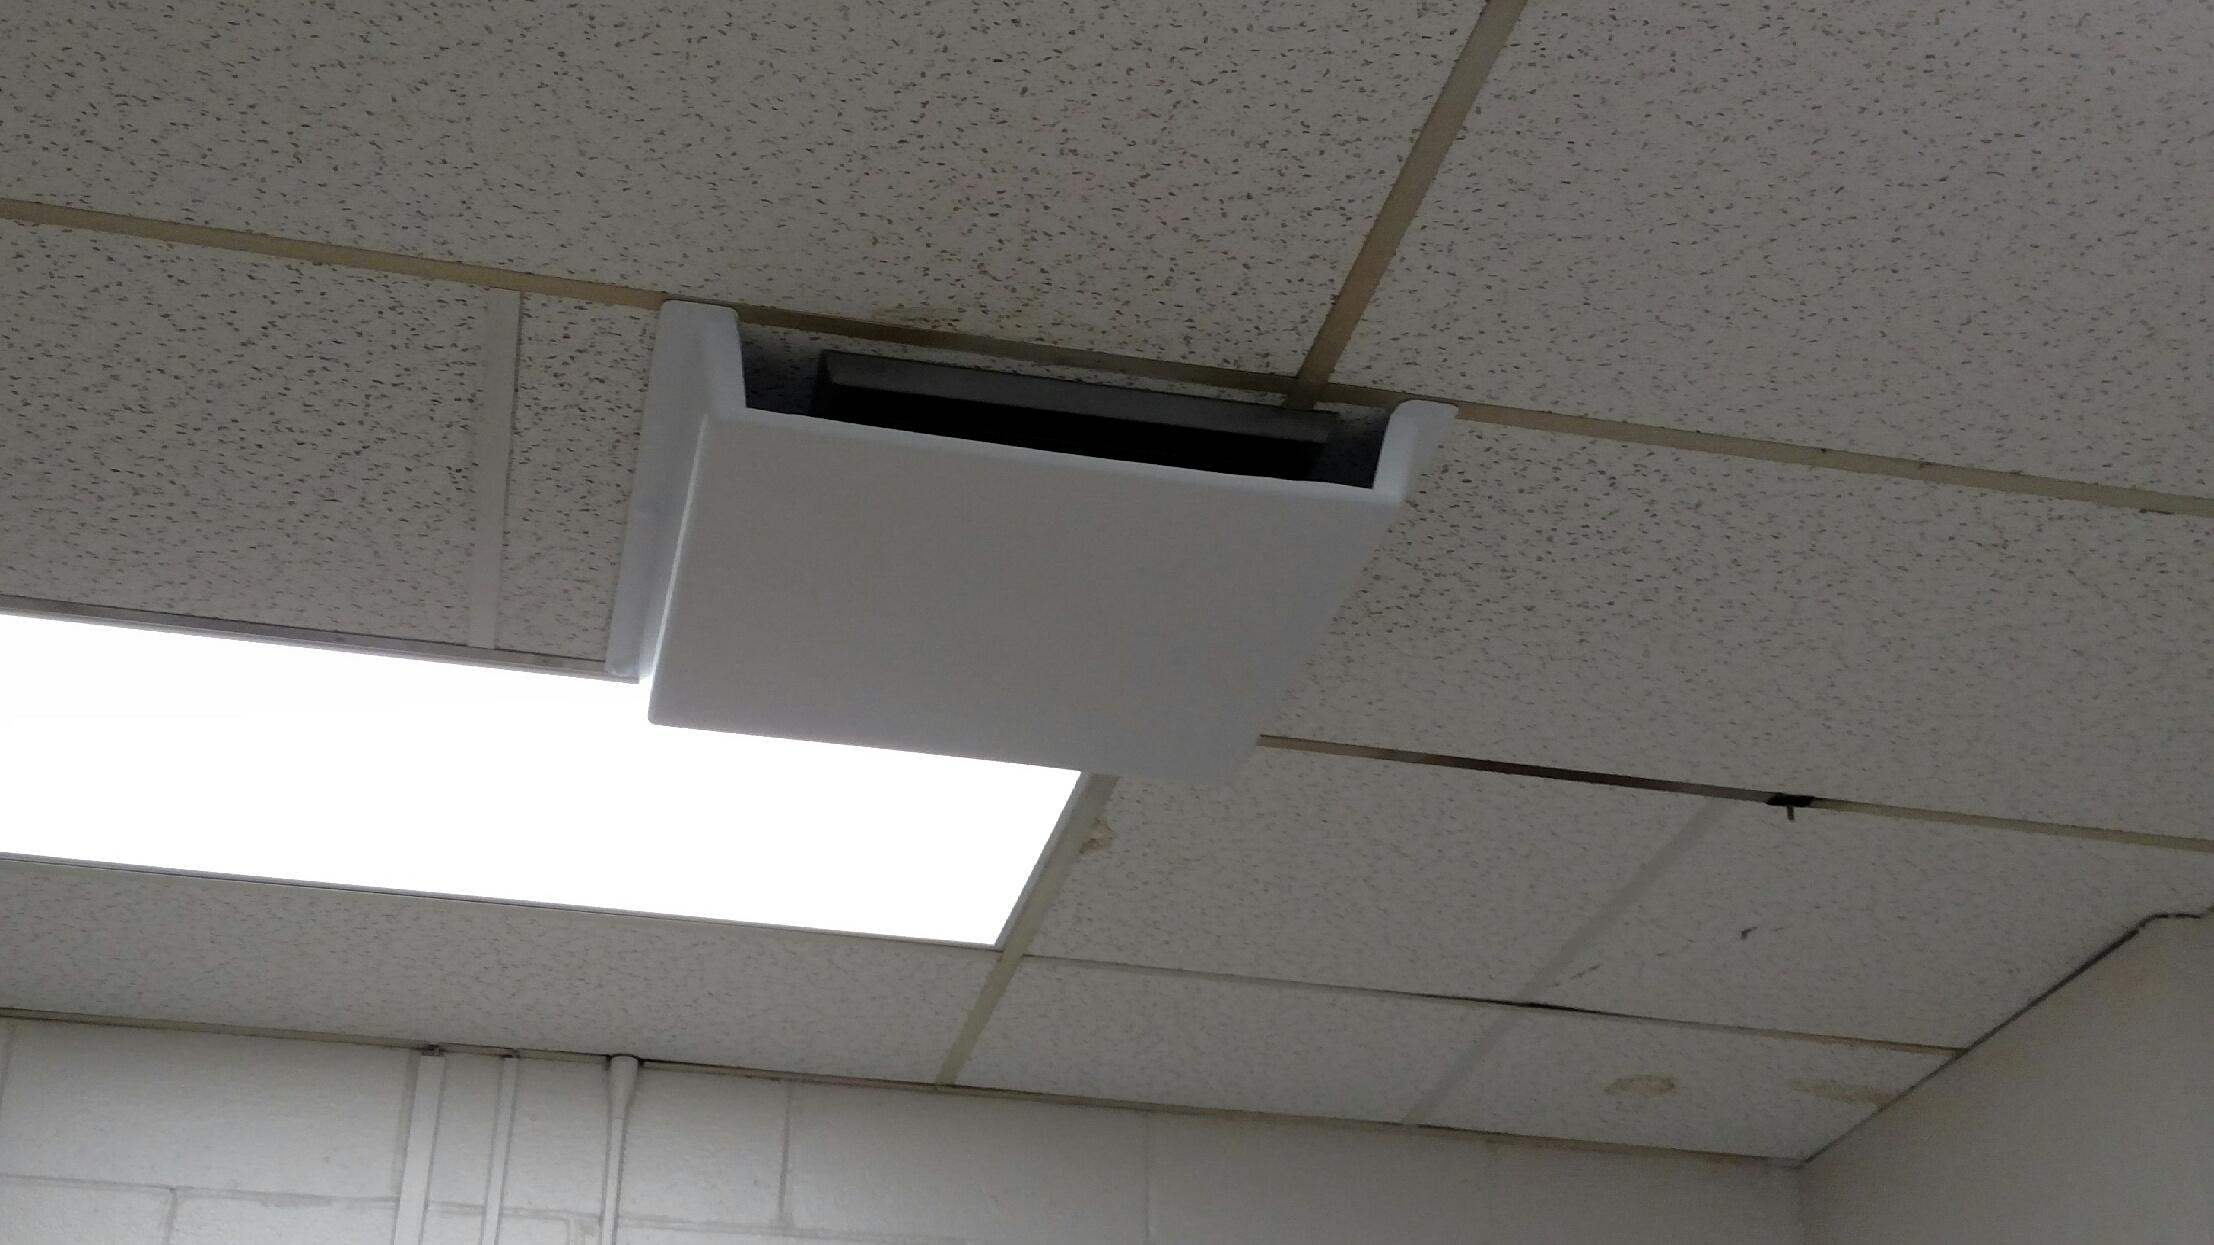 Ceiling Tile Vent Deflector